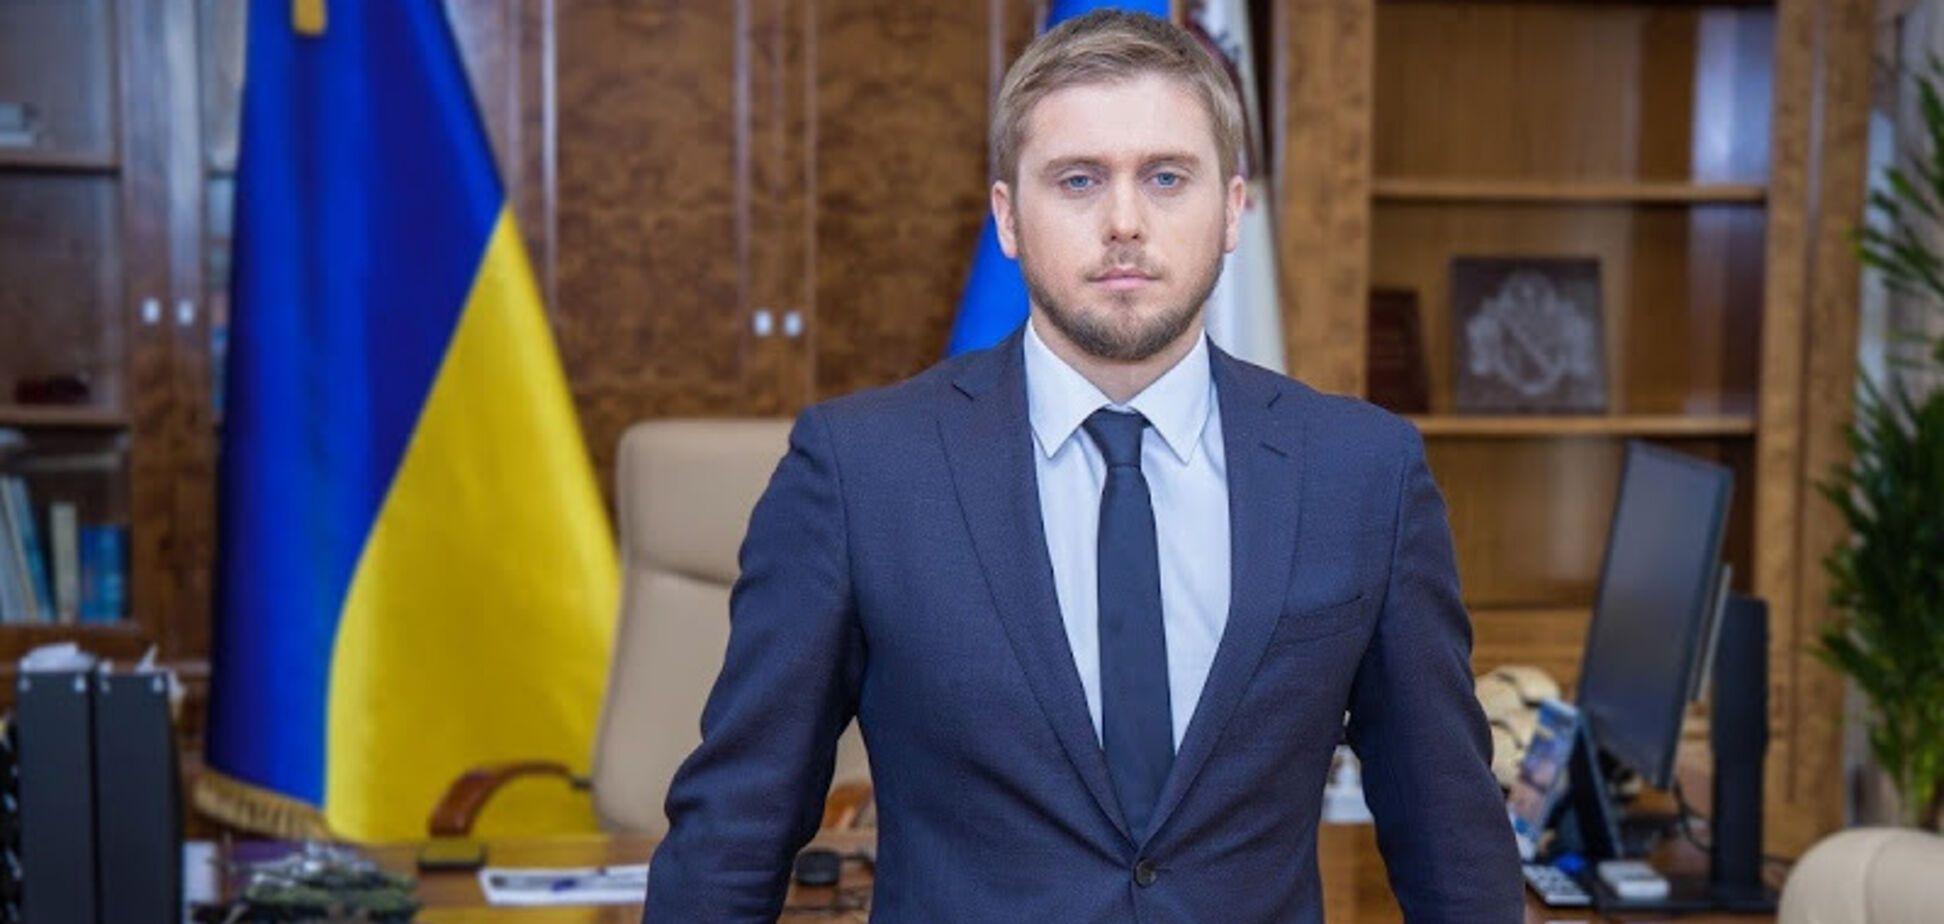 Глава ДнепрОГА Александр Бондаренко может остаться без работы по итогам местных выборов